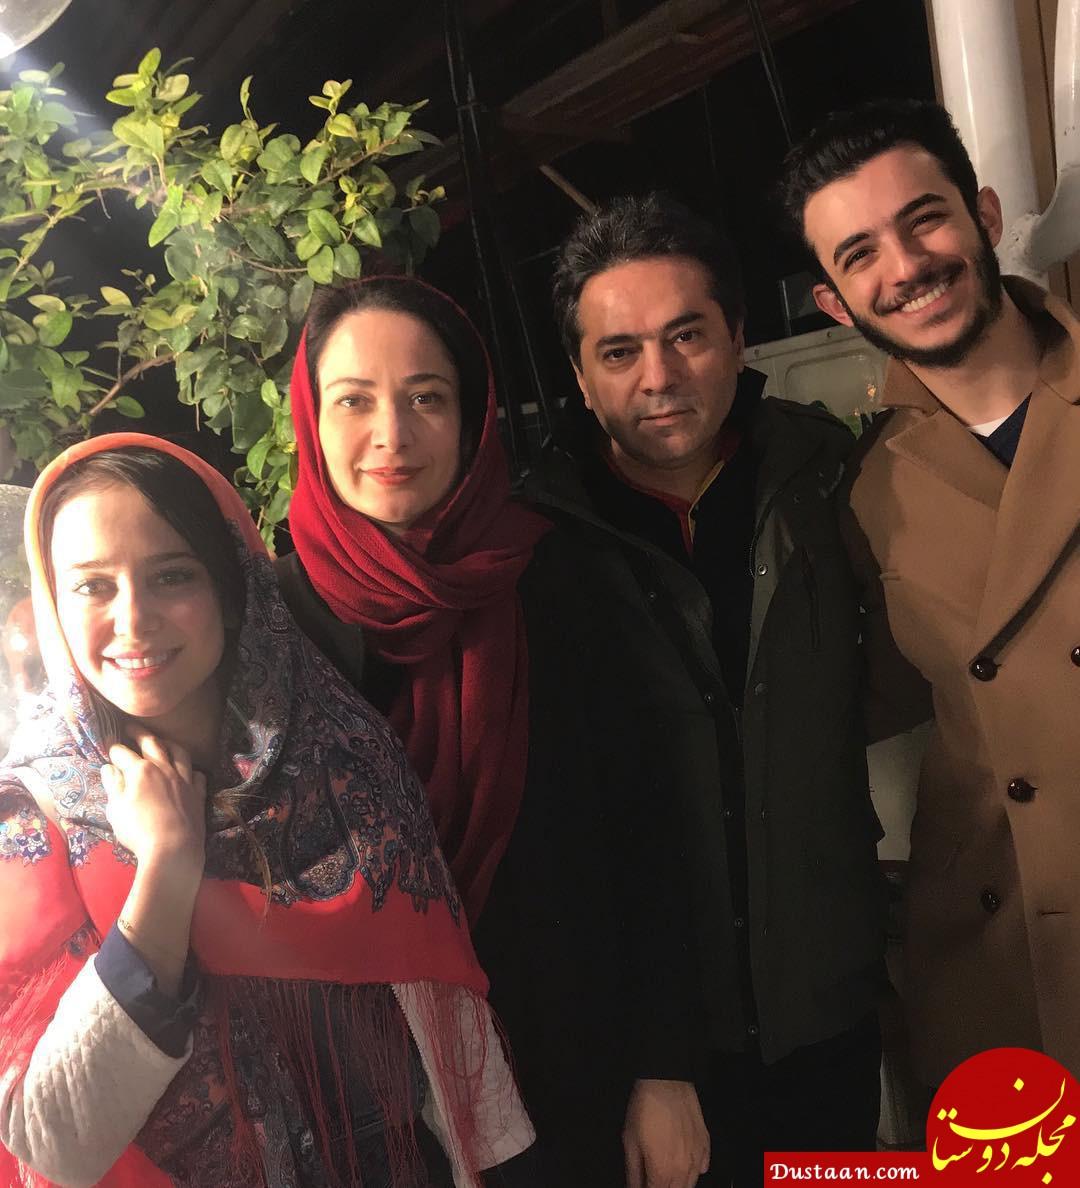 بیوگرافی و عکس های دیدنی نسرین نصرتی ،همسر و دخترش